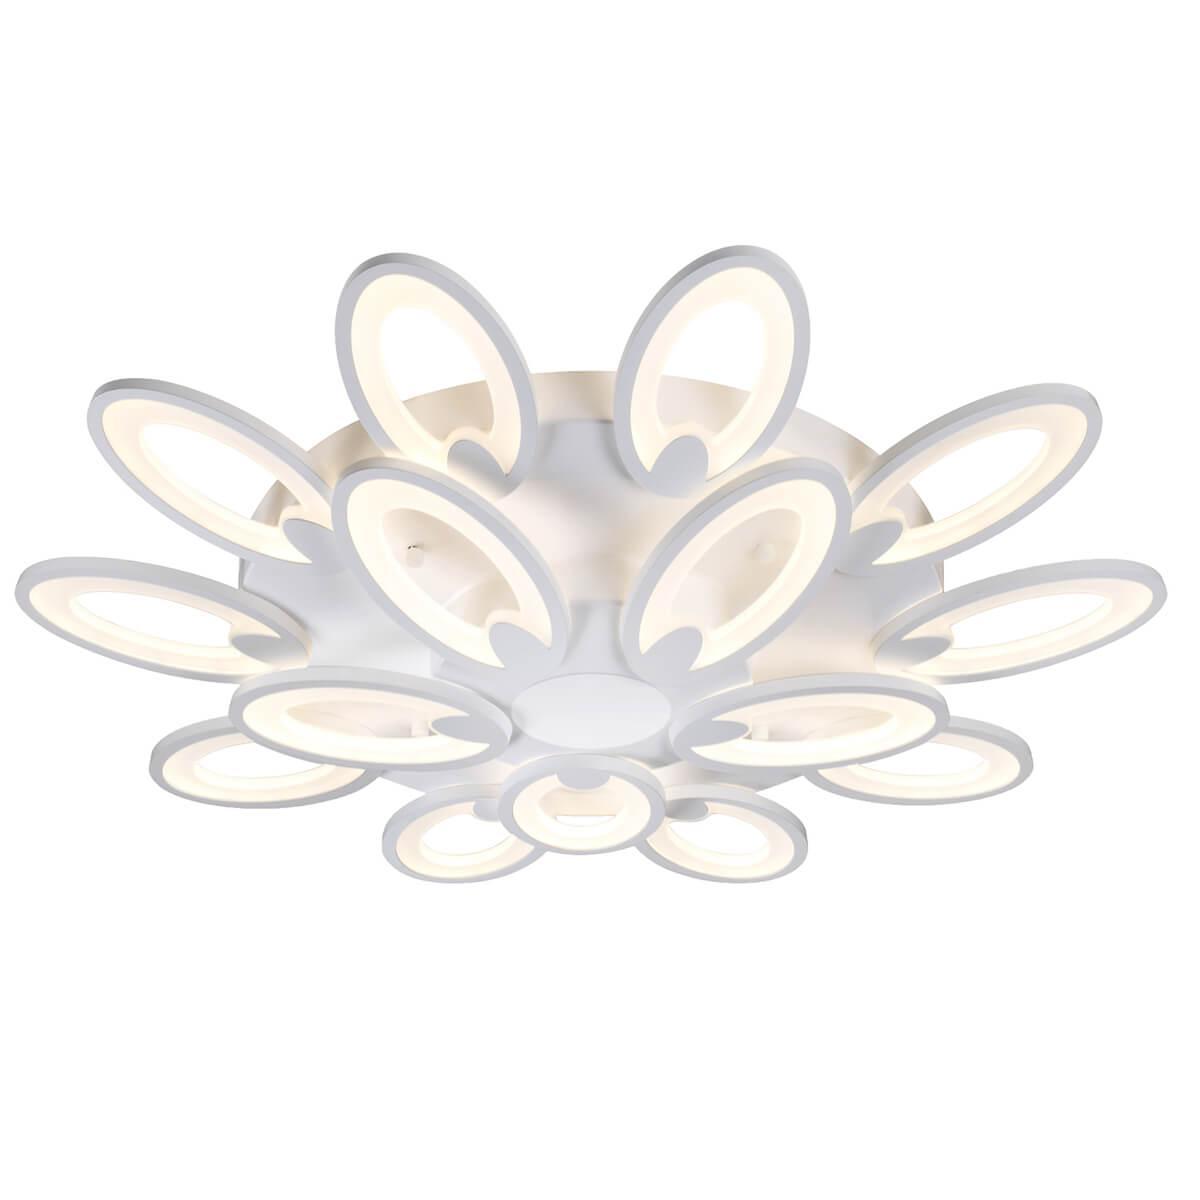 Потолочный светильник Omnilux OML-45807-210, белый omnilux потолочная светодиодная люстра с пультом ду omnilux oml 45807 120